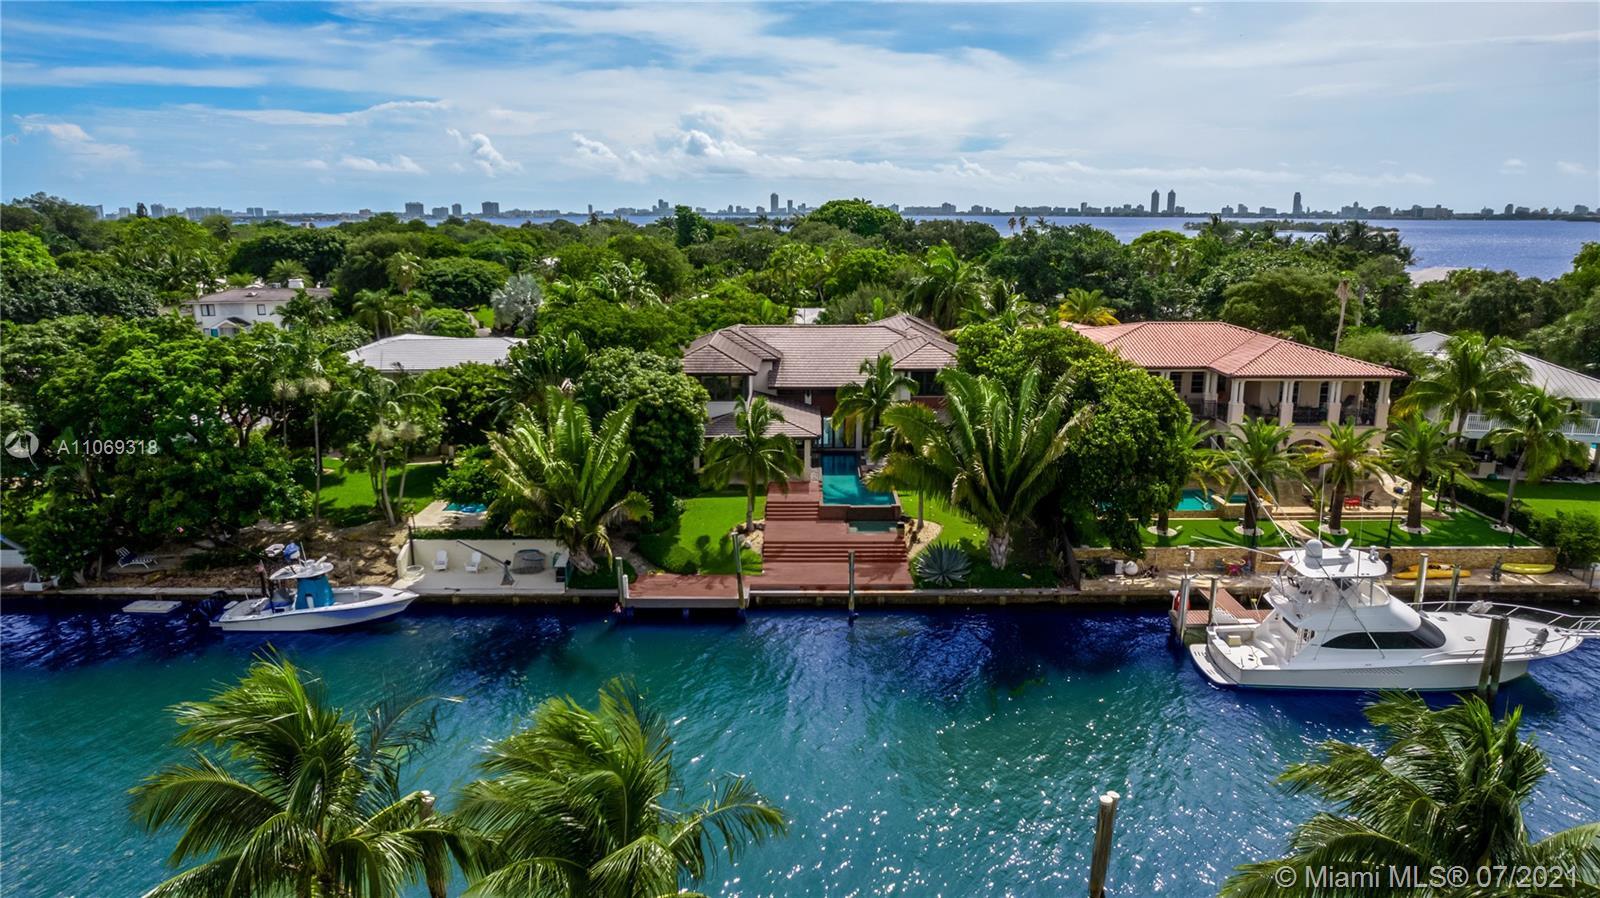 4241 Palm Ln, Miami, Florida 33137